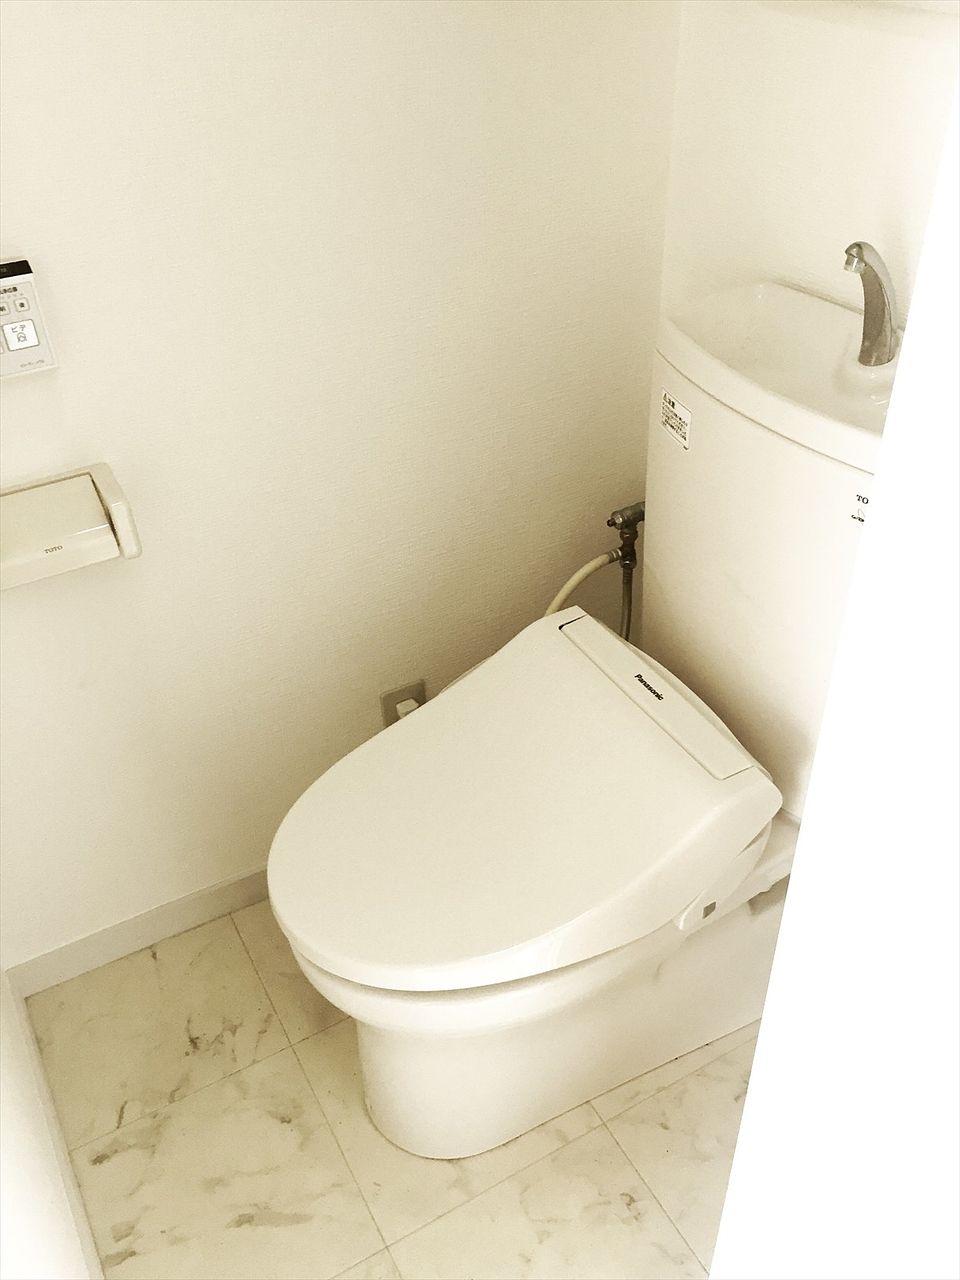 J818ビル5階のトイレです